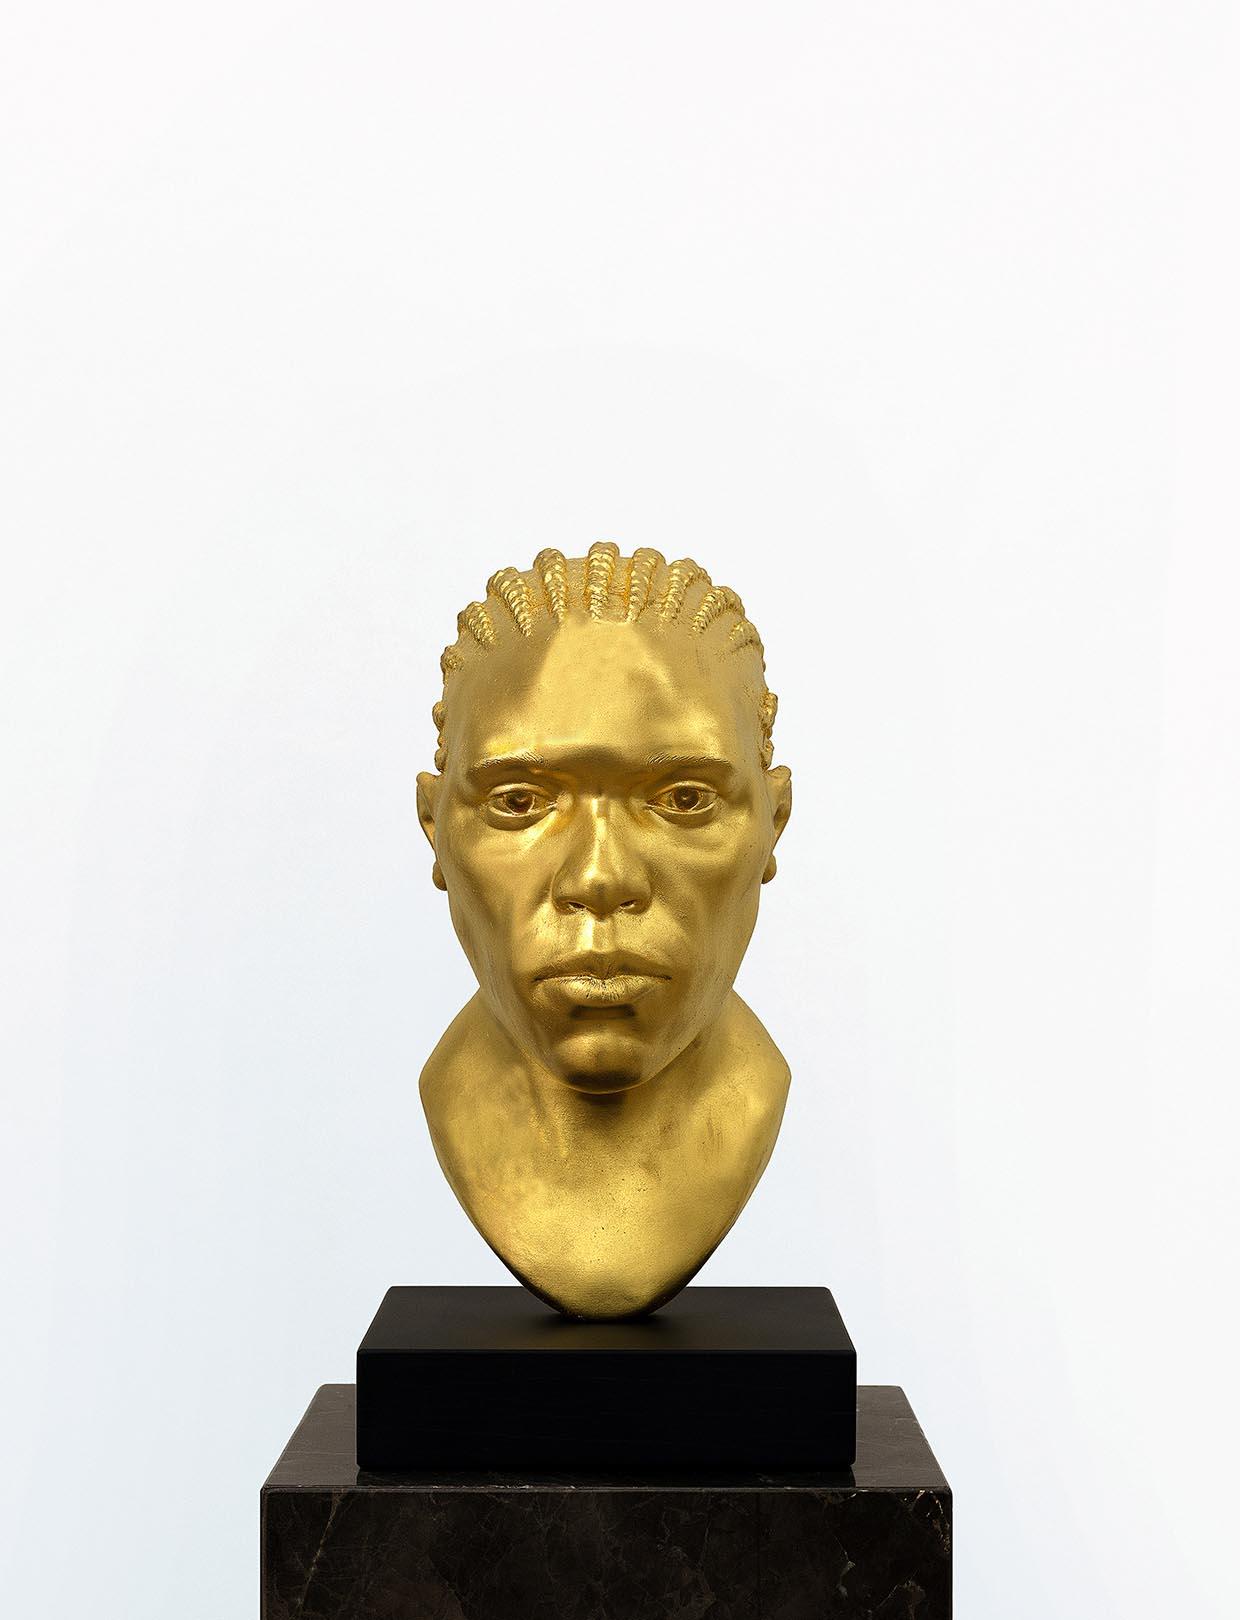 Thomas J Price, Untitled (Icon 1), 2017. Courtesy kunstneren